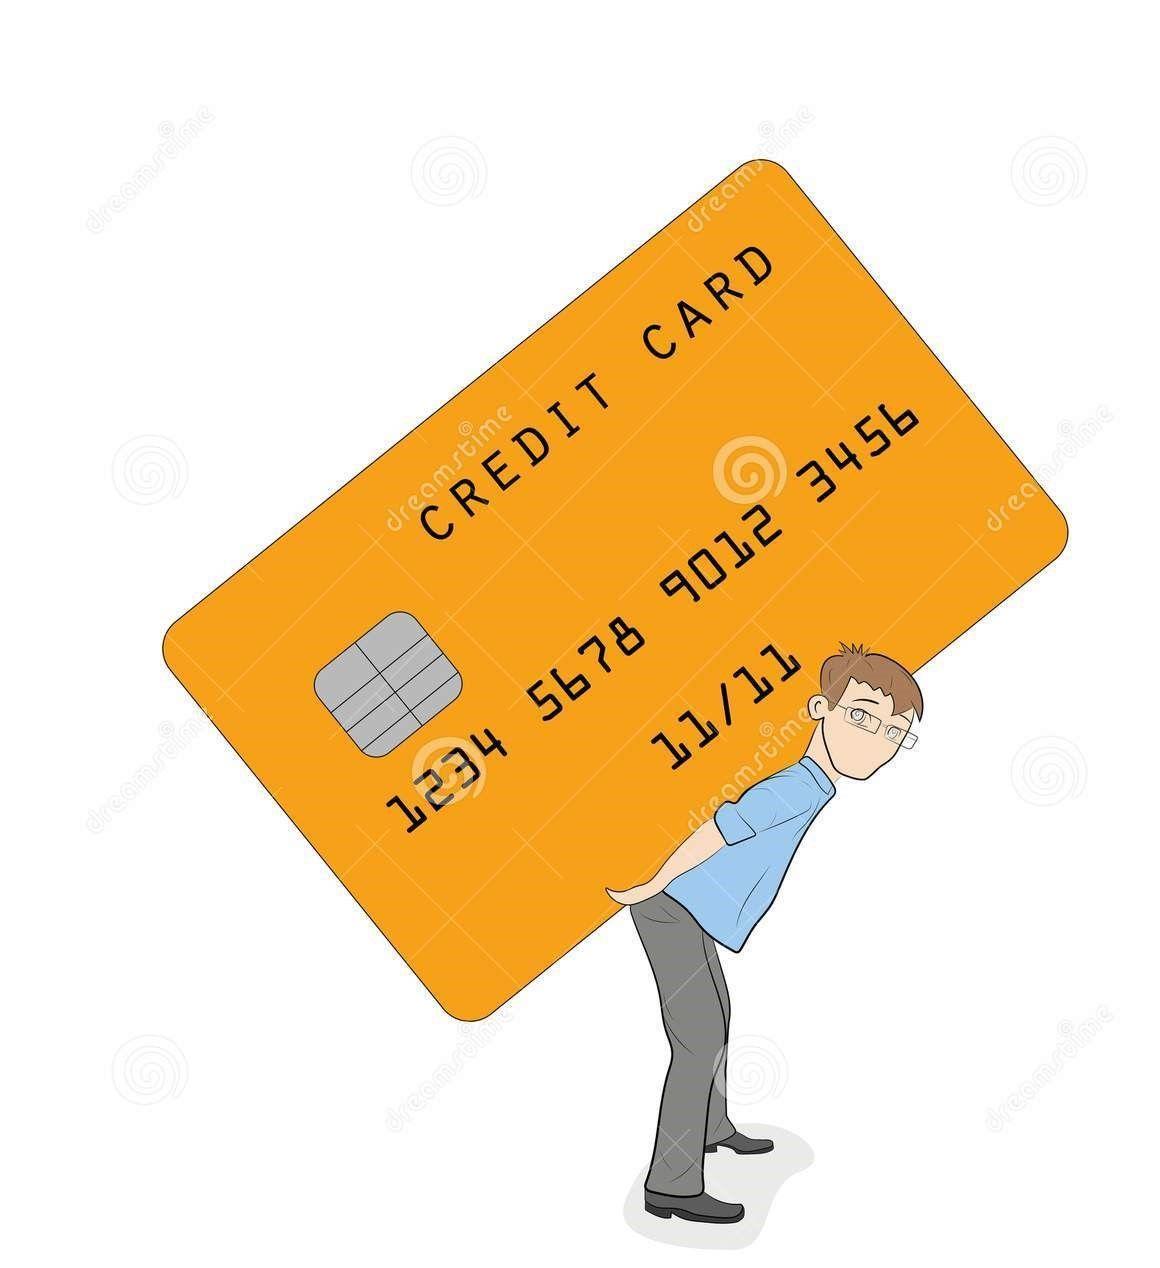 una-pequeña-persona-se-está-colocando-bajo-carga-de-tarjeta-crédito-concepto-condiciones-pesadas-del-ilustración-vector-105224764